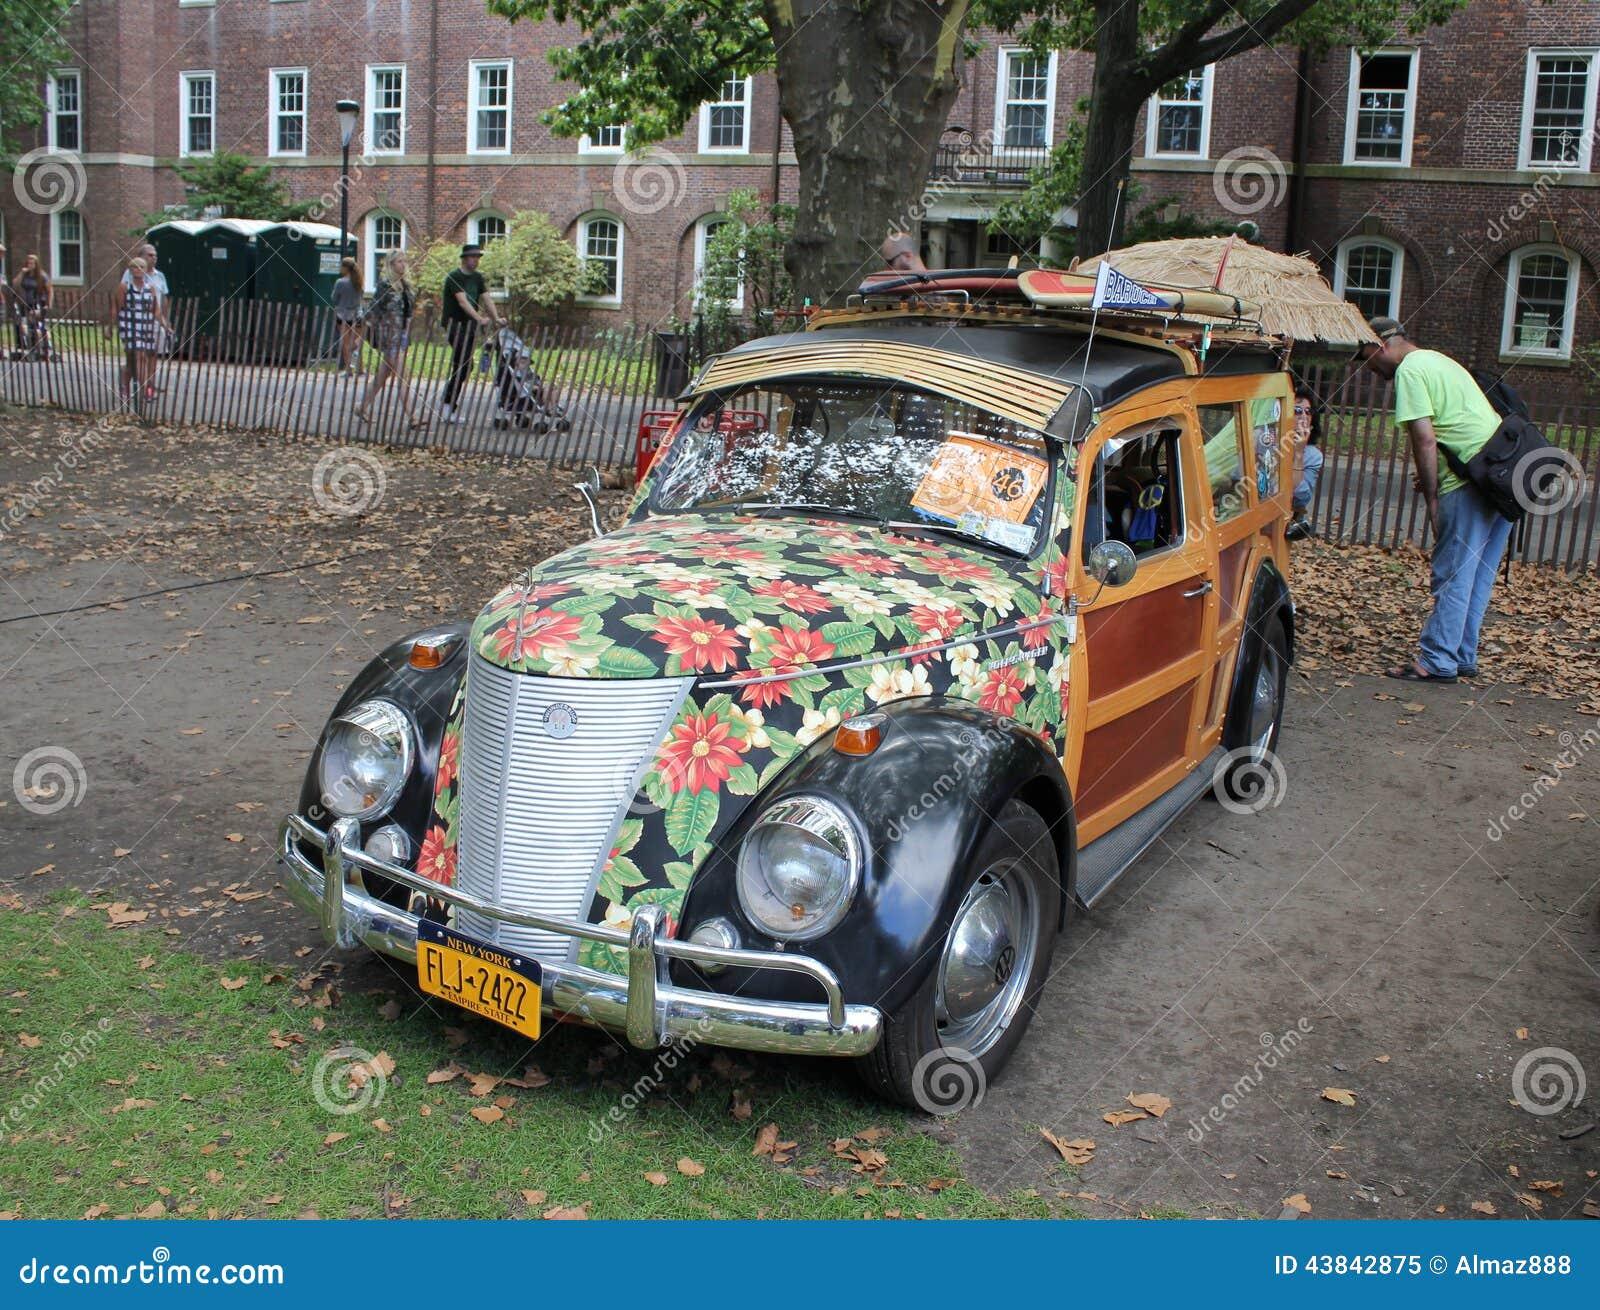 Ww Car